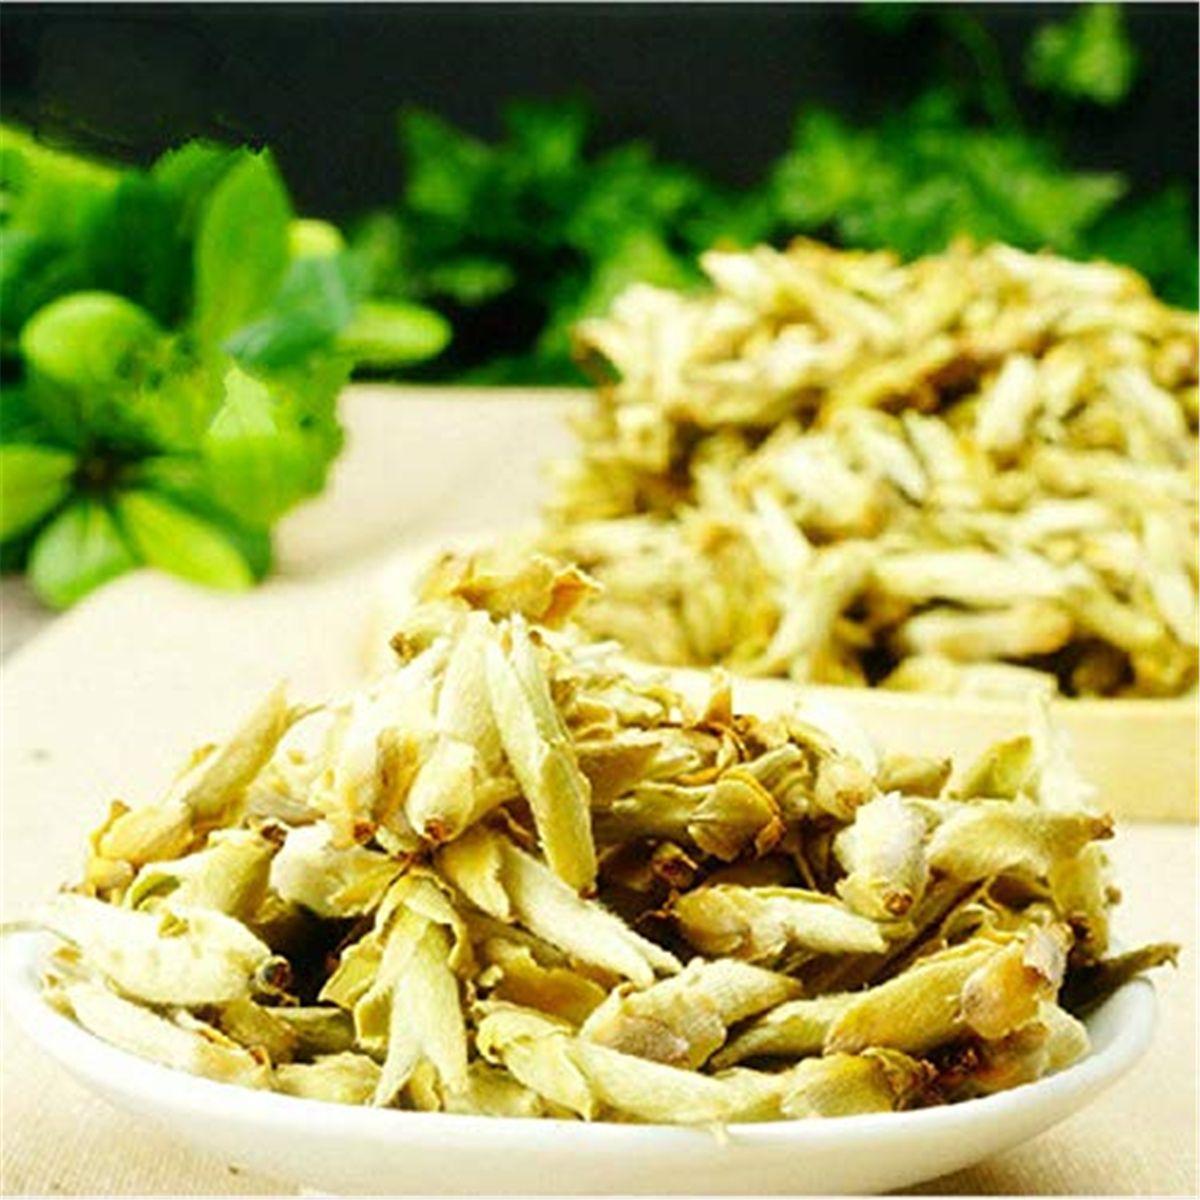 100g Ham Puer Çay Yunnan gevşek beyaz Puer Çay Organik Pu'er Eski Ağacı Yeşil Puer Doğal Puerh Çay Fabrikası Direkt Satış